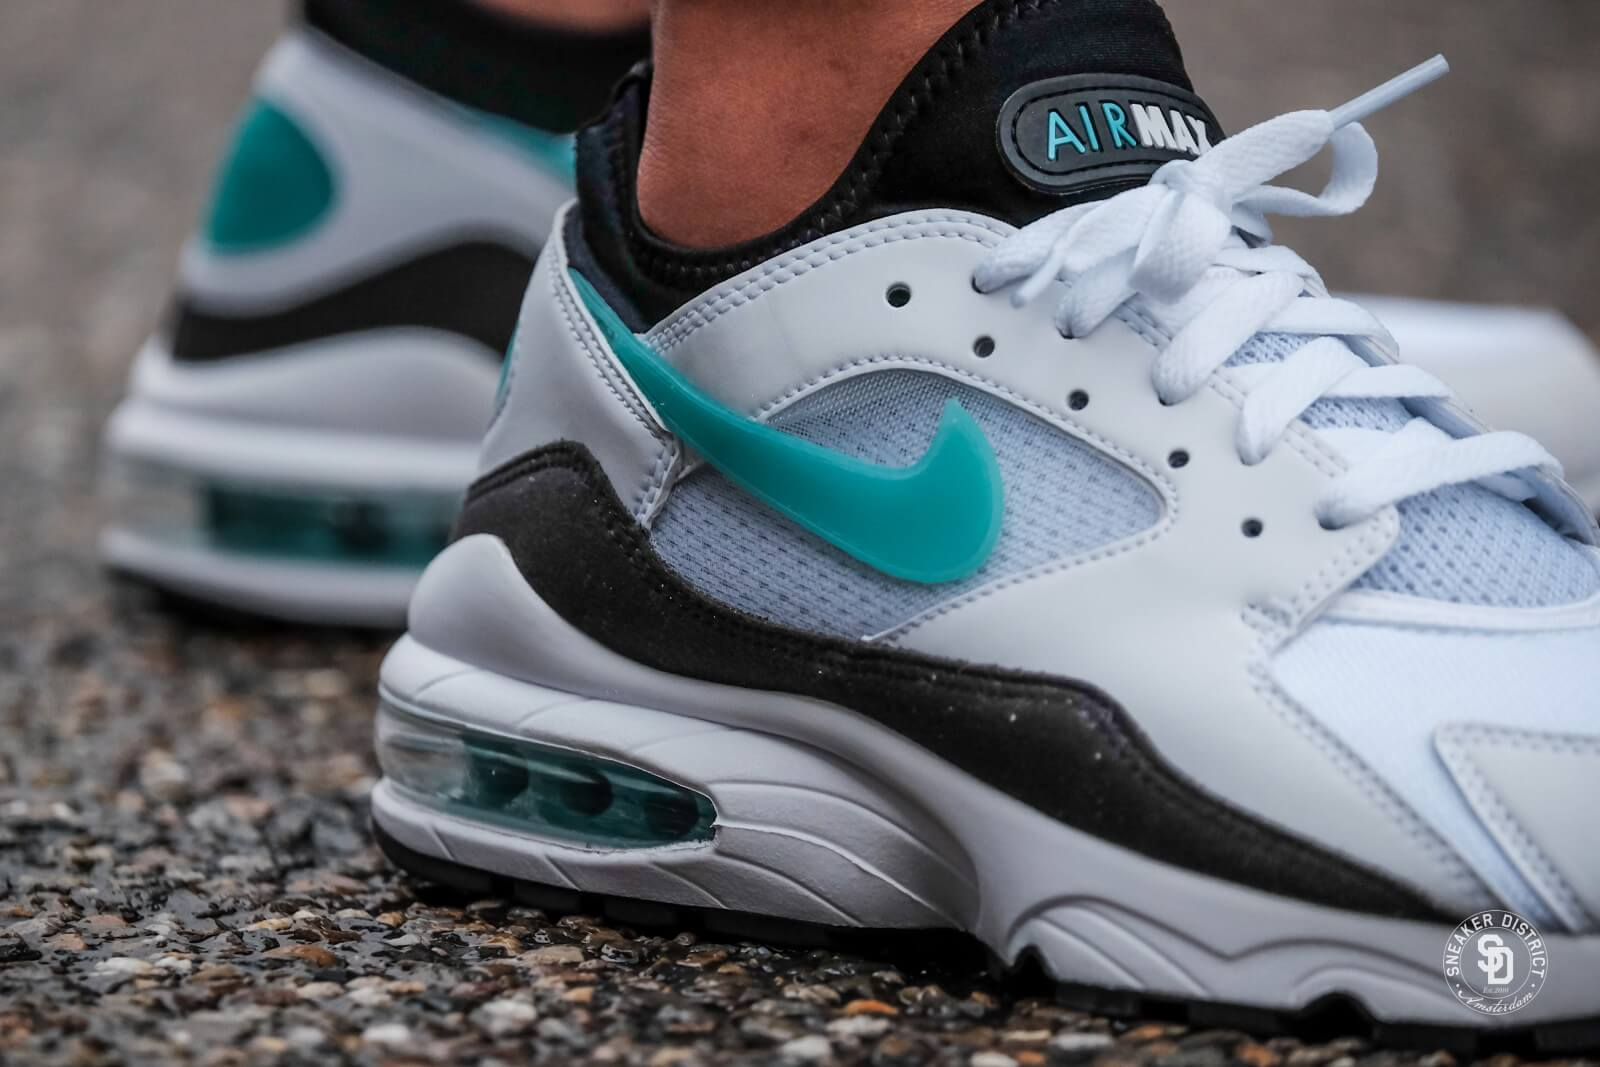 nike air max 93 Weiß sport turquoise schwarz